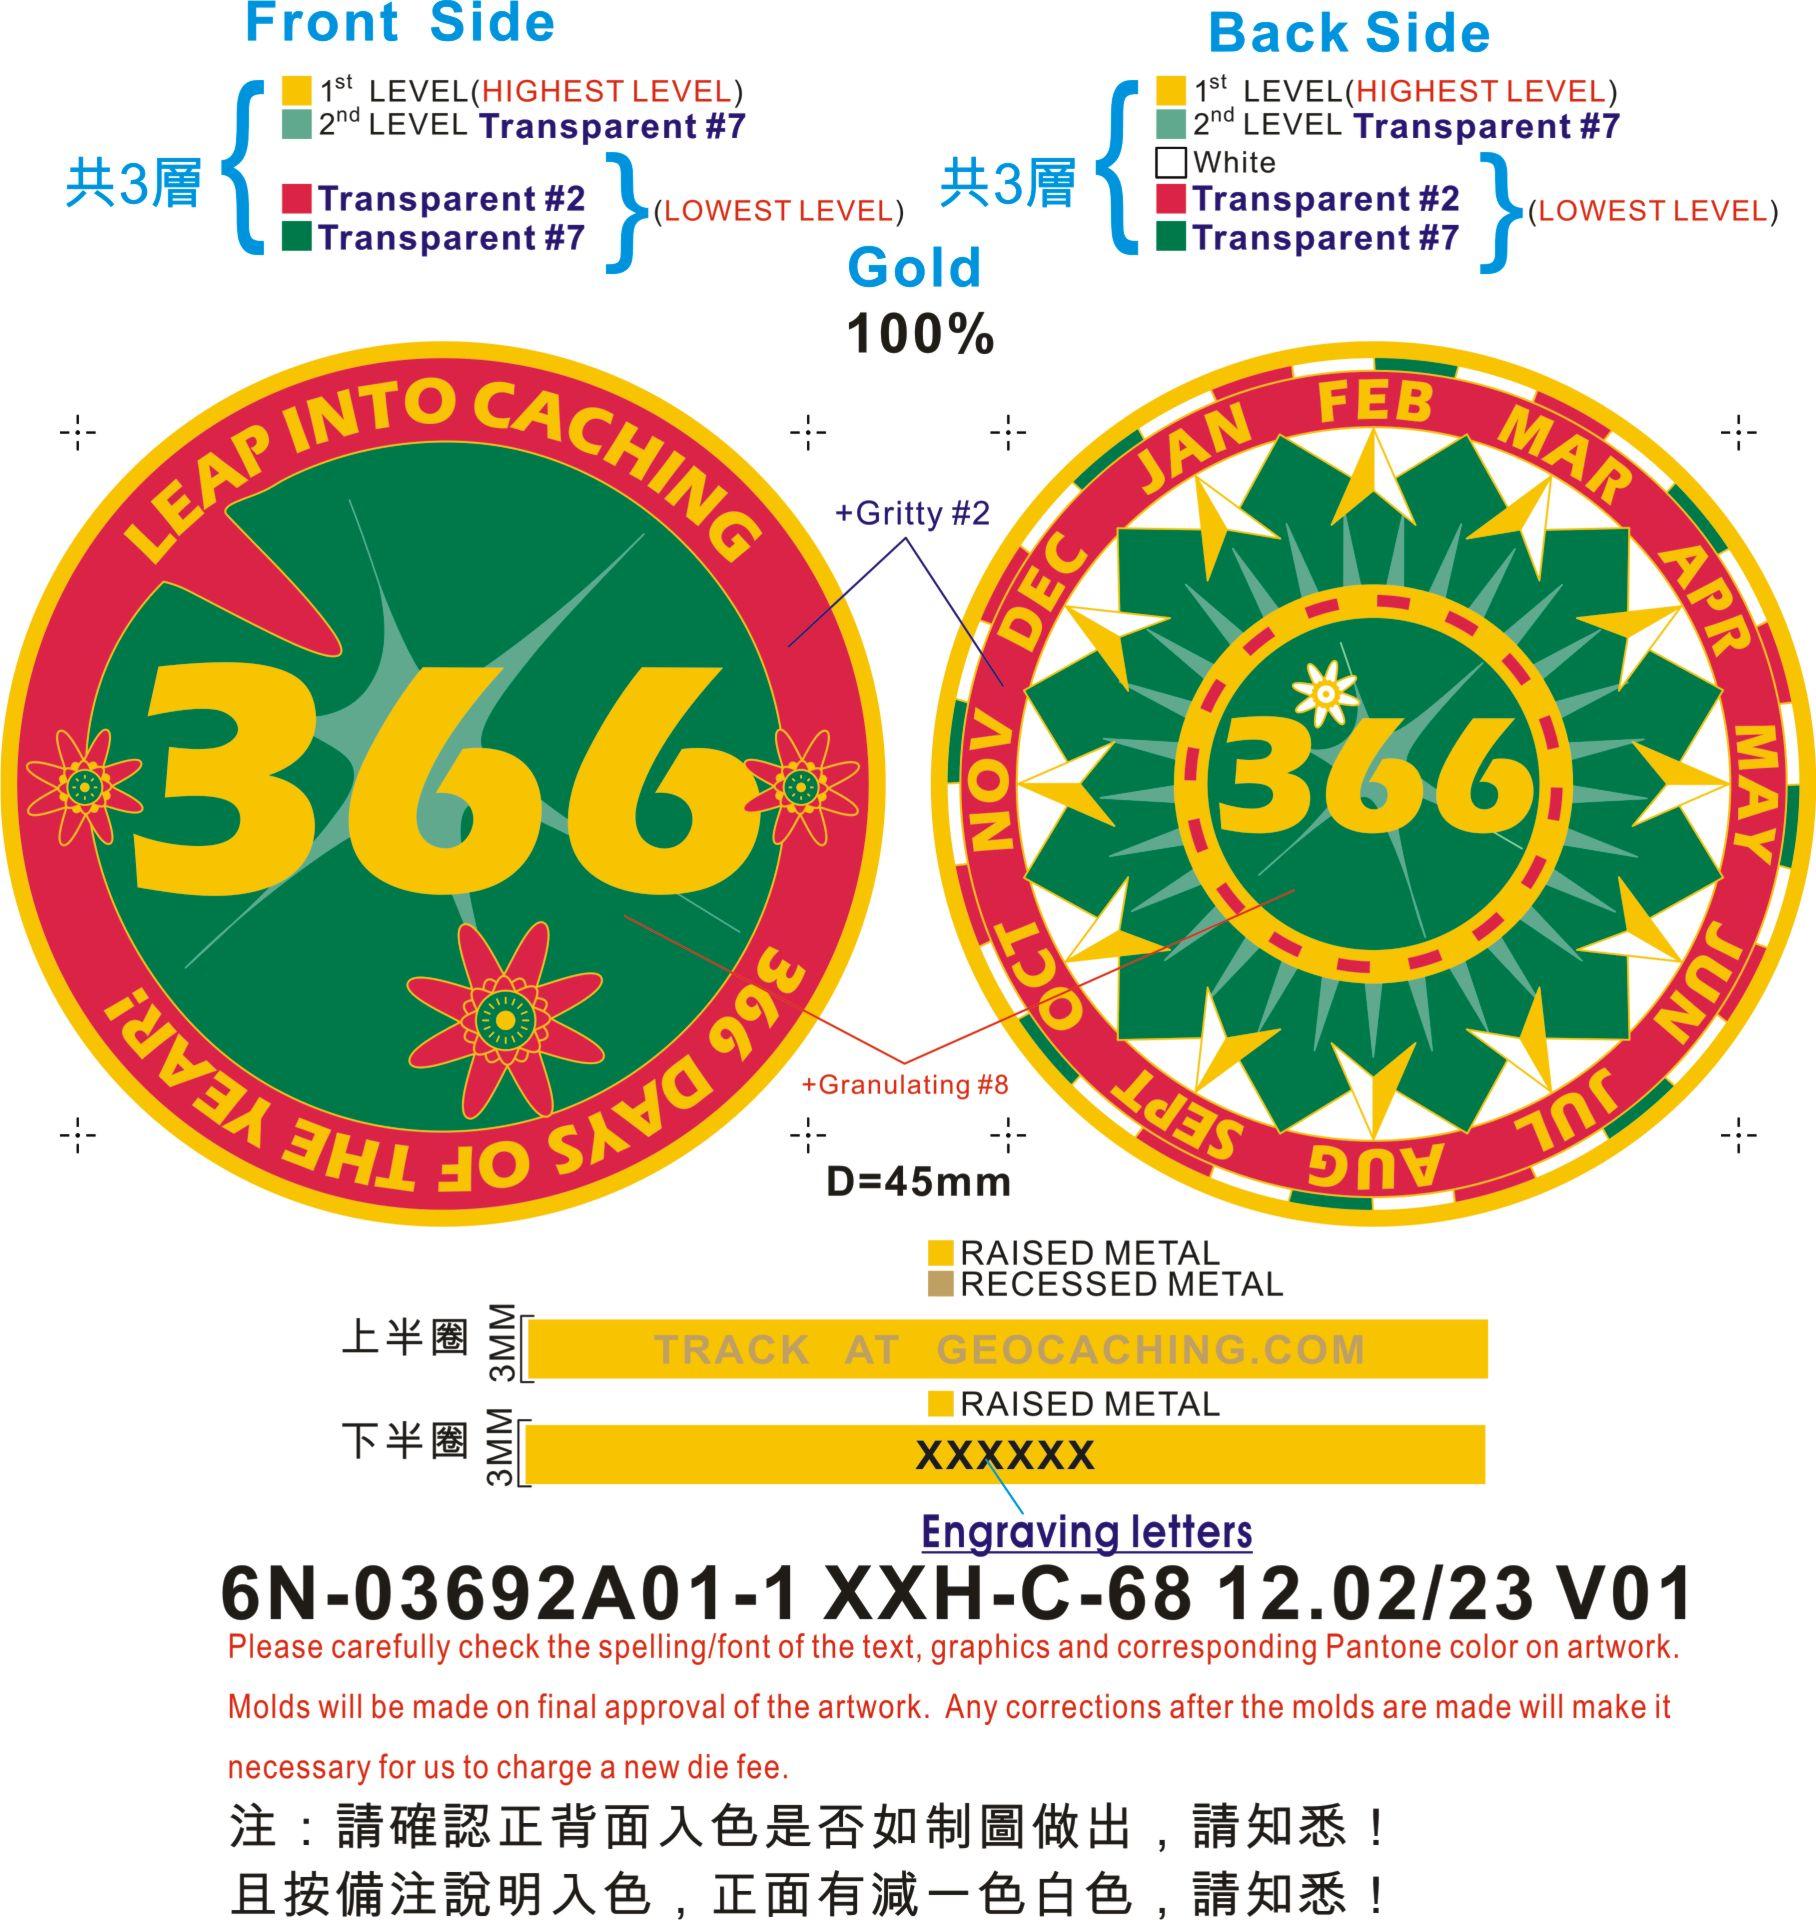 4ea7e4f1-92ba-4537-a812-a2493280bfa2.jpg?rnd=0.04421198